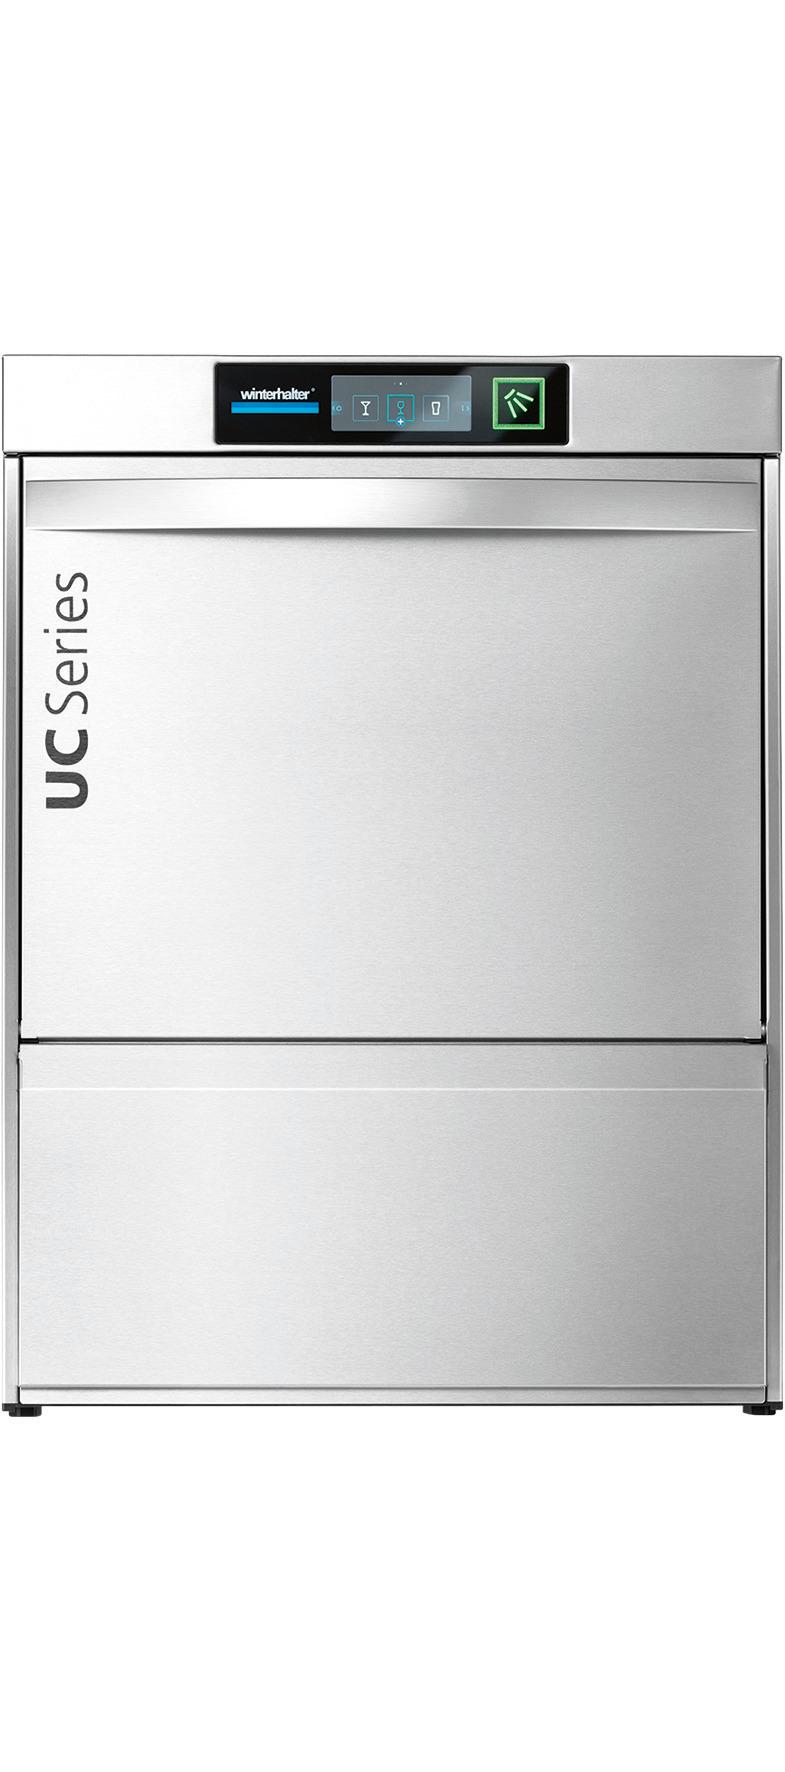 Geschirrspülmaschine UC-L / 500 x 500 mm / mit Chemiebehälter / 230 V